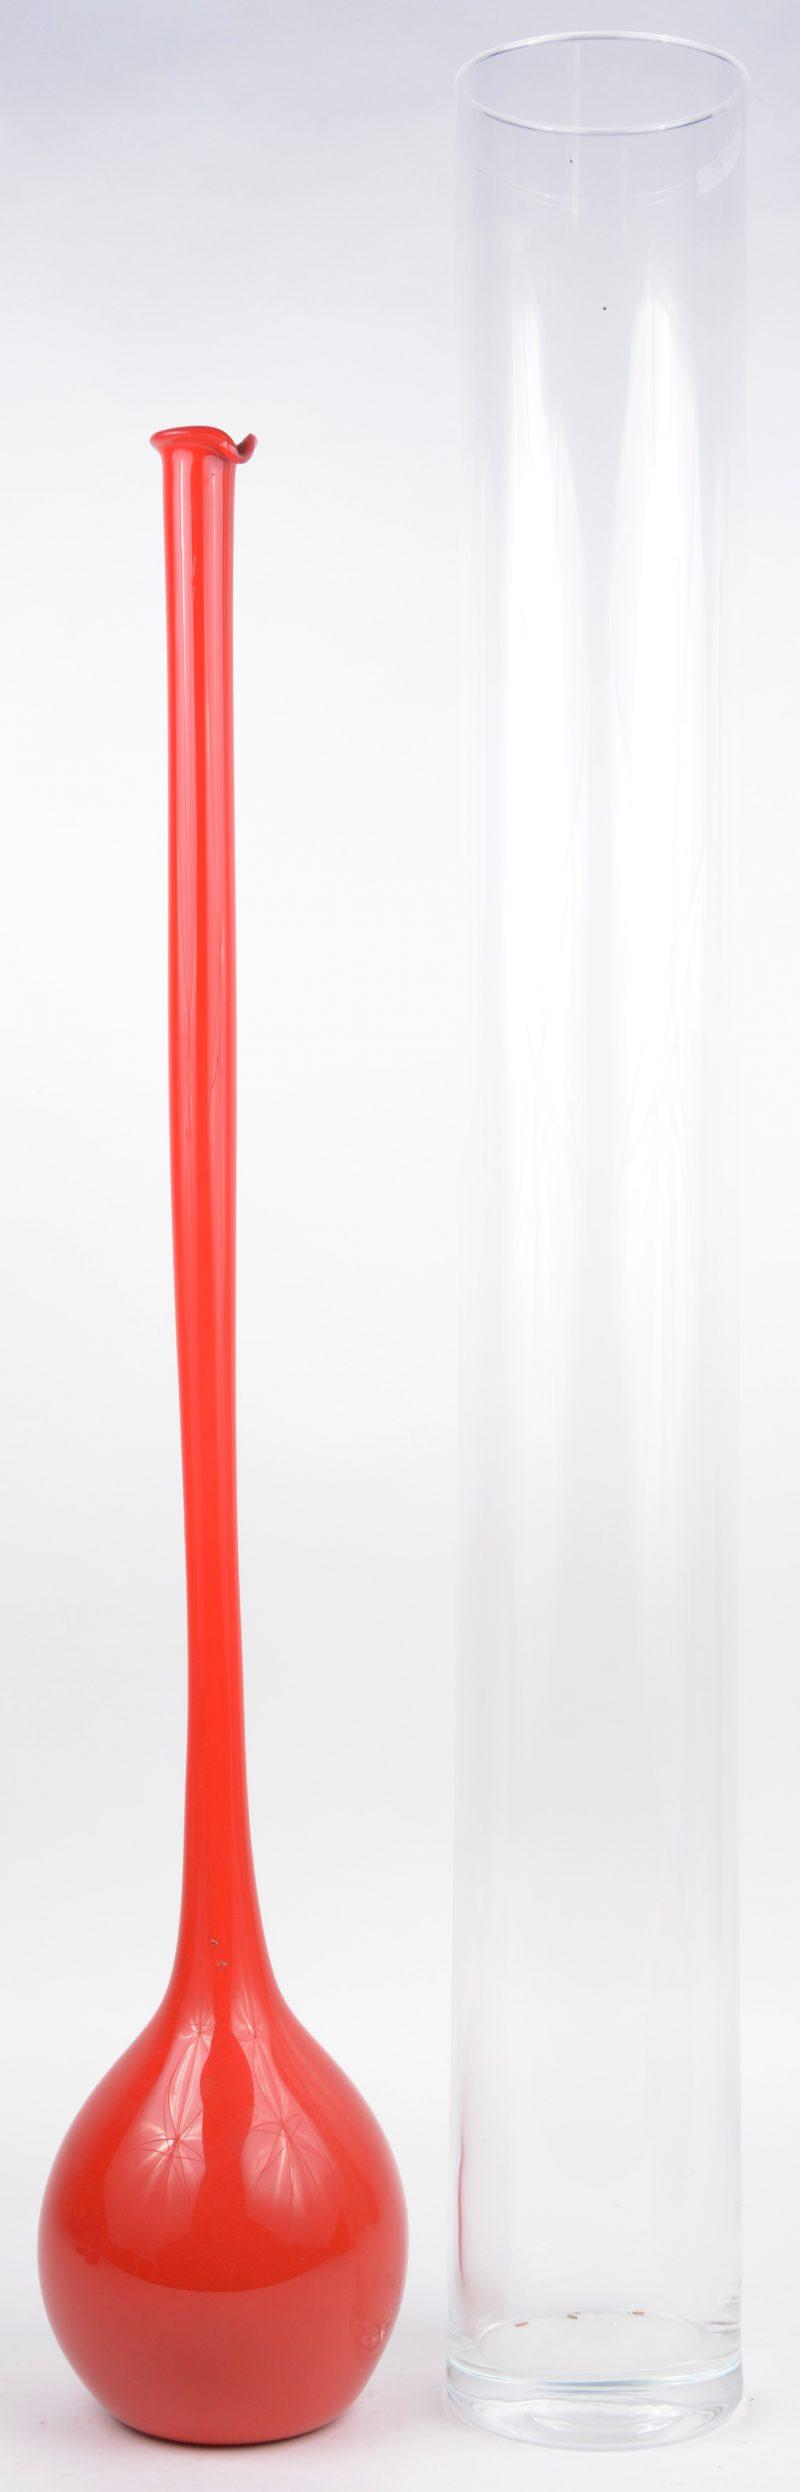 Een lange kleurloos glazen cilindervaas en een rode bolle vaas met lange hals.